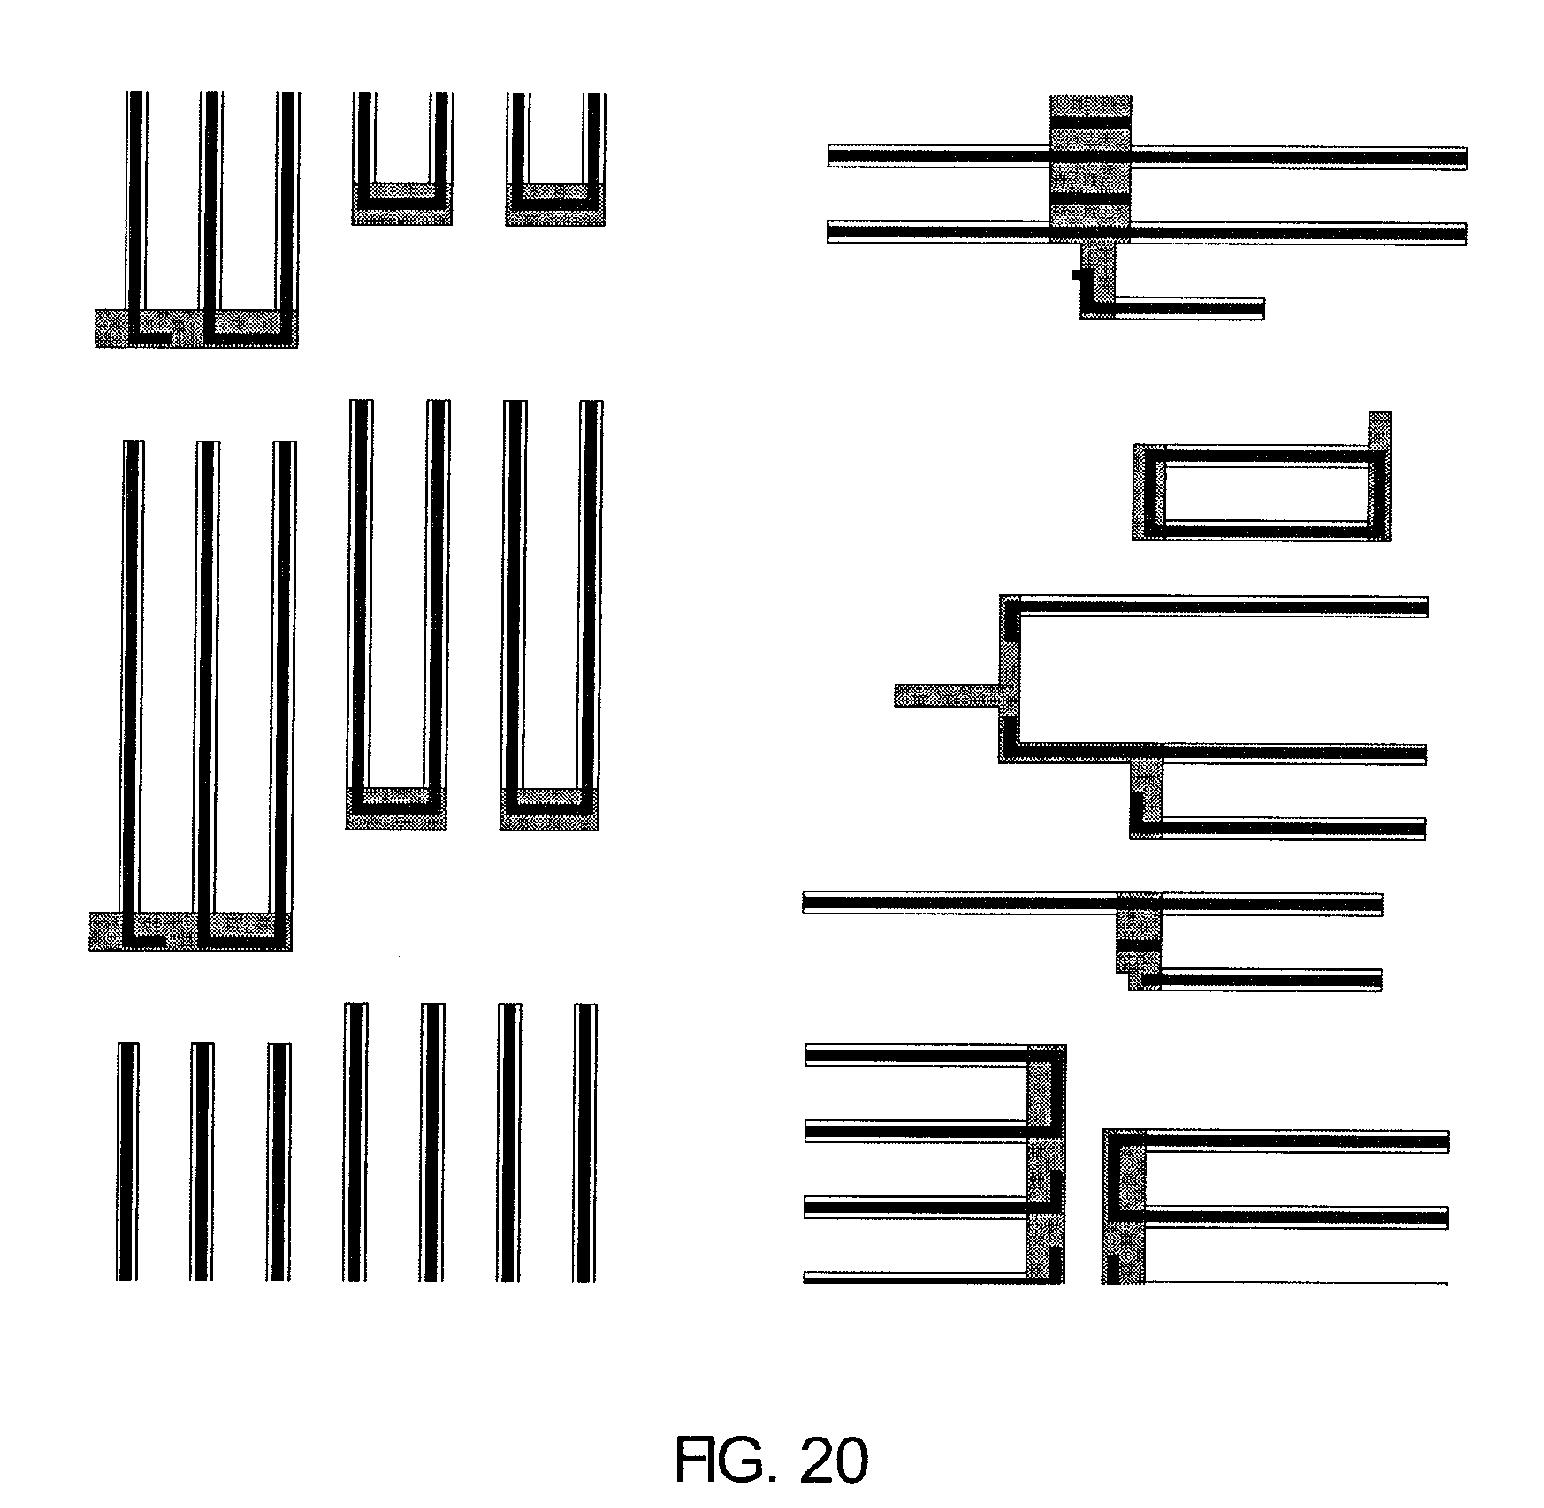 patent us7346887